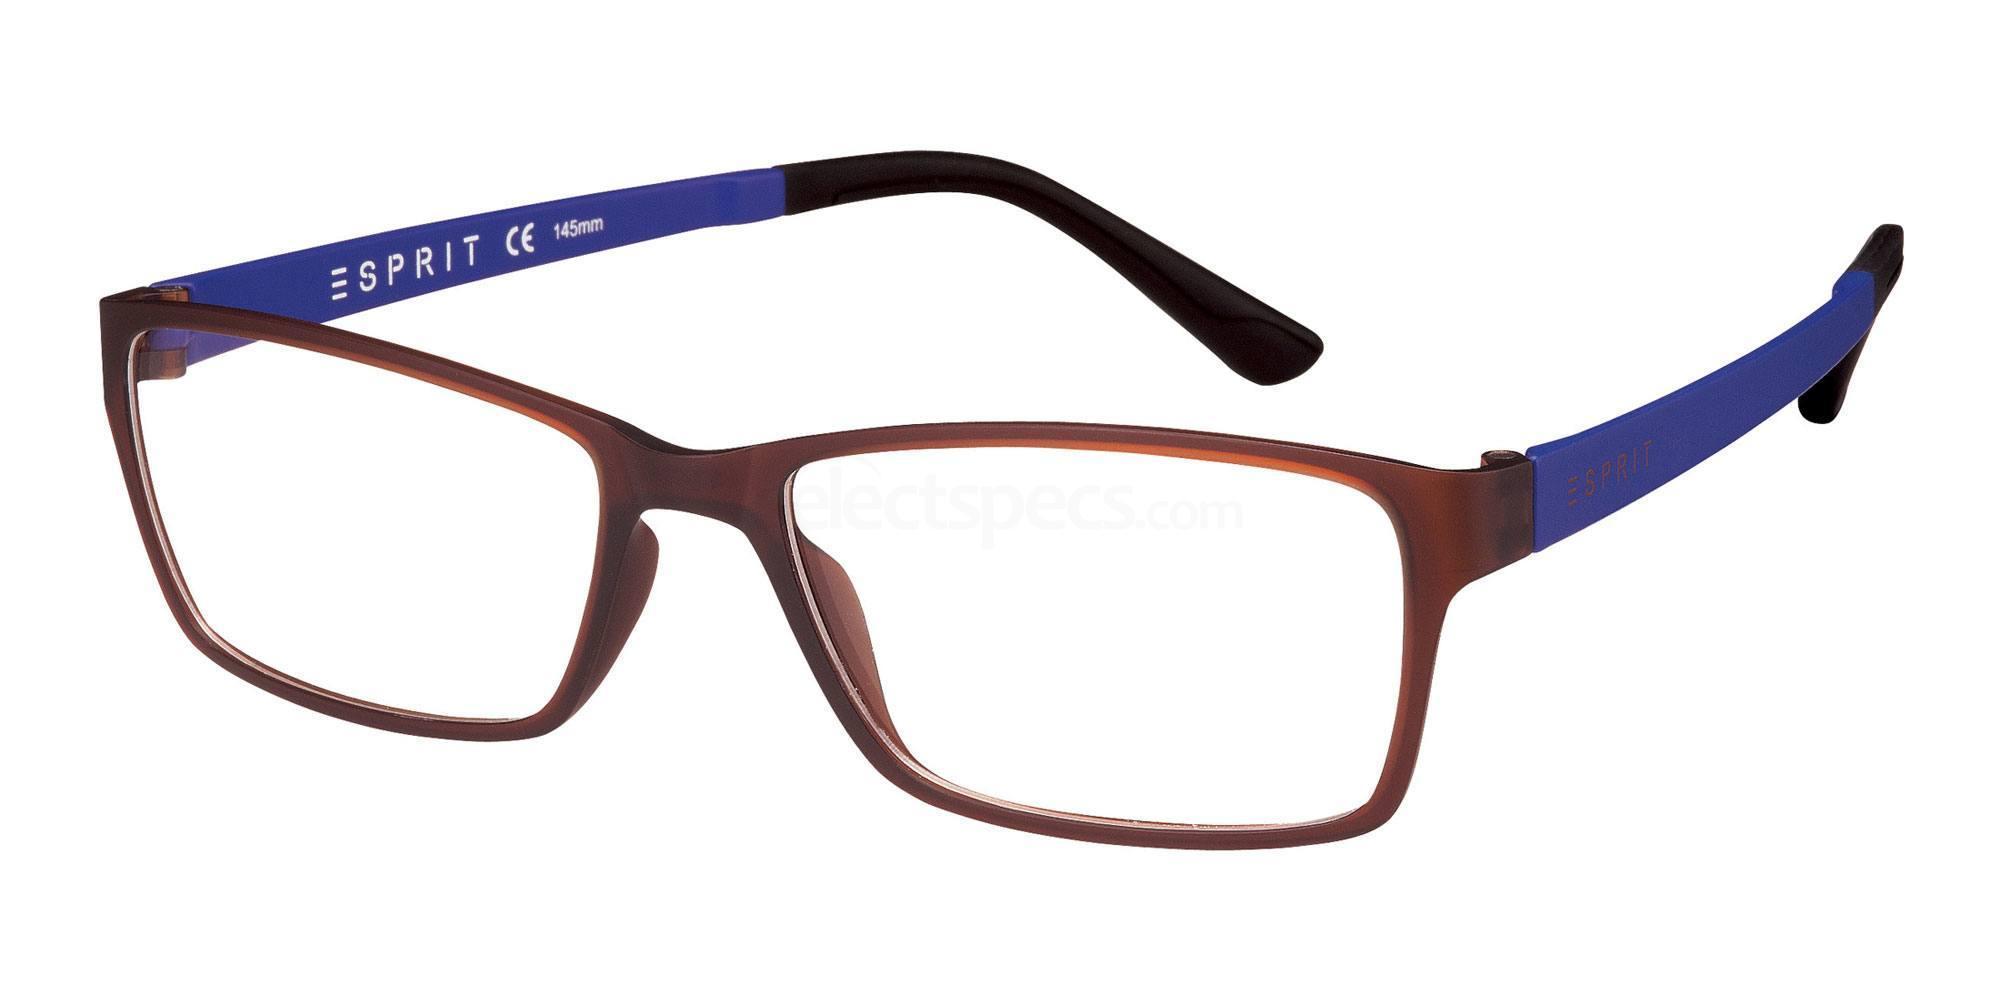 535 ET17447 Glasses, Esprit